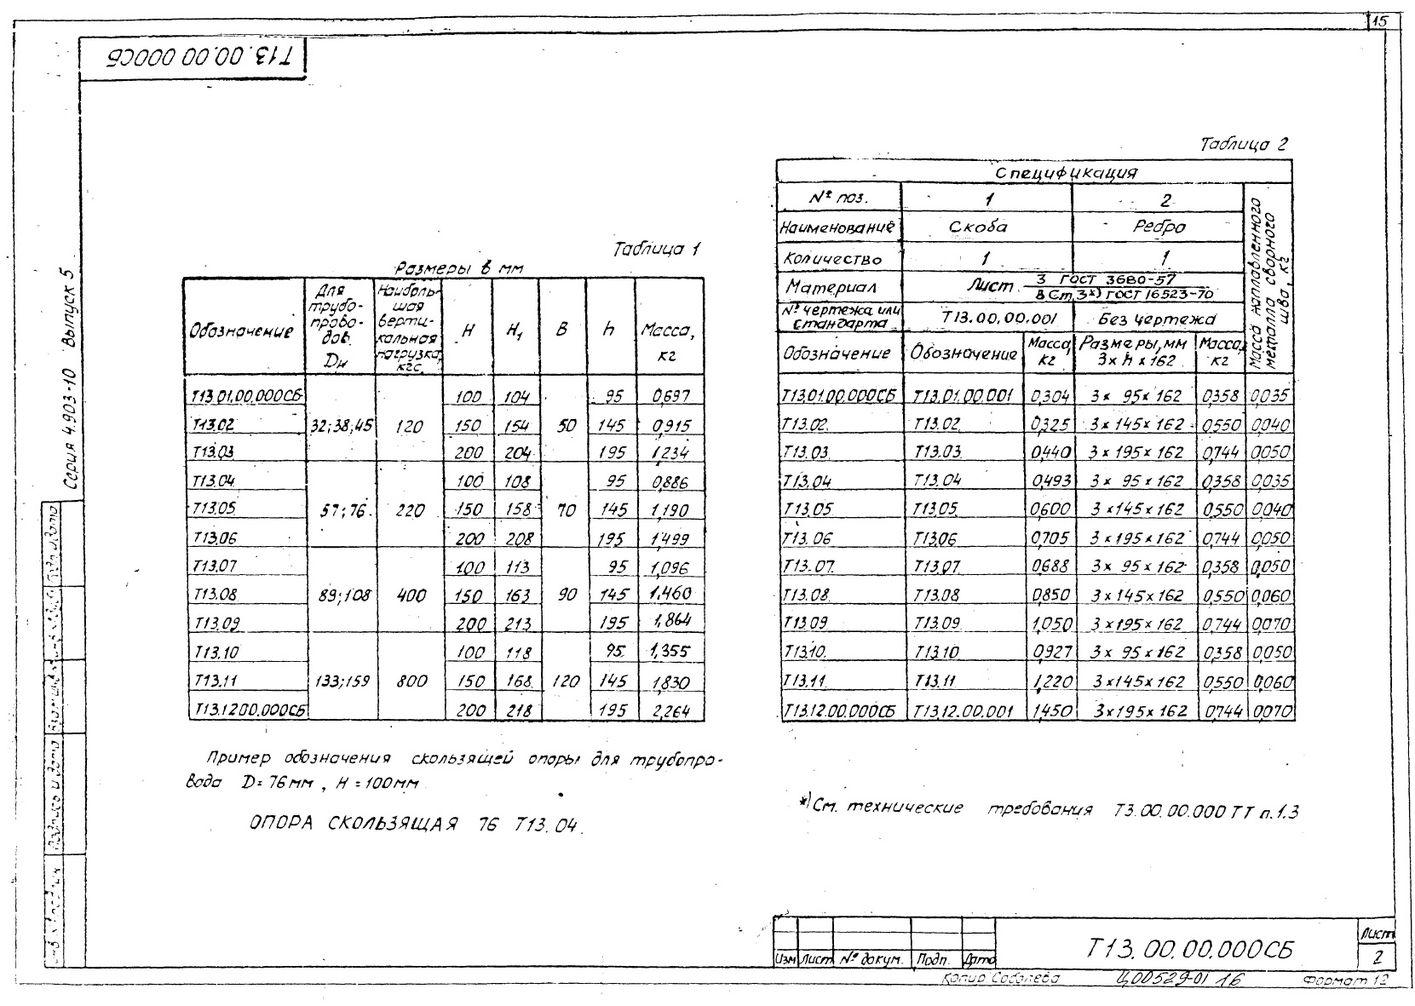 Опоры скользящие Т13 серия 4.903-10 выпуск 5 стр.2